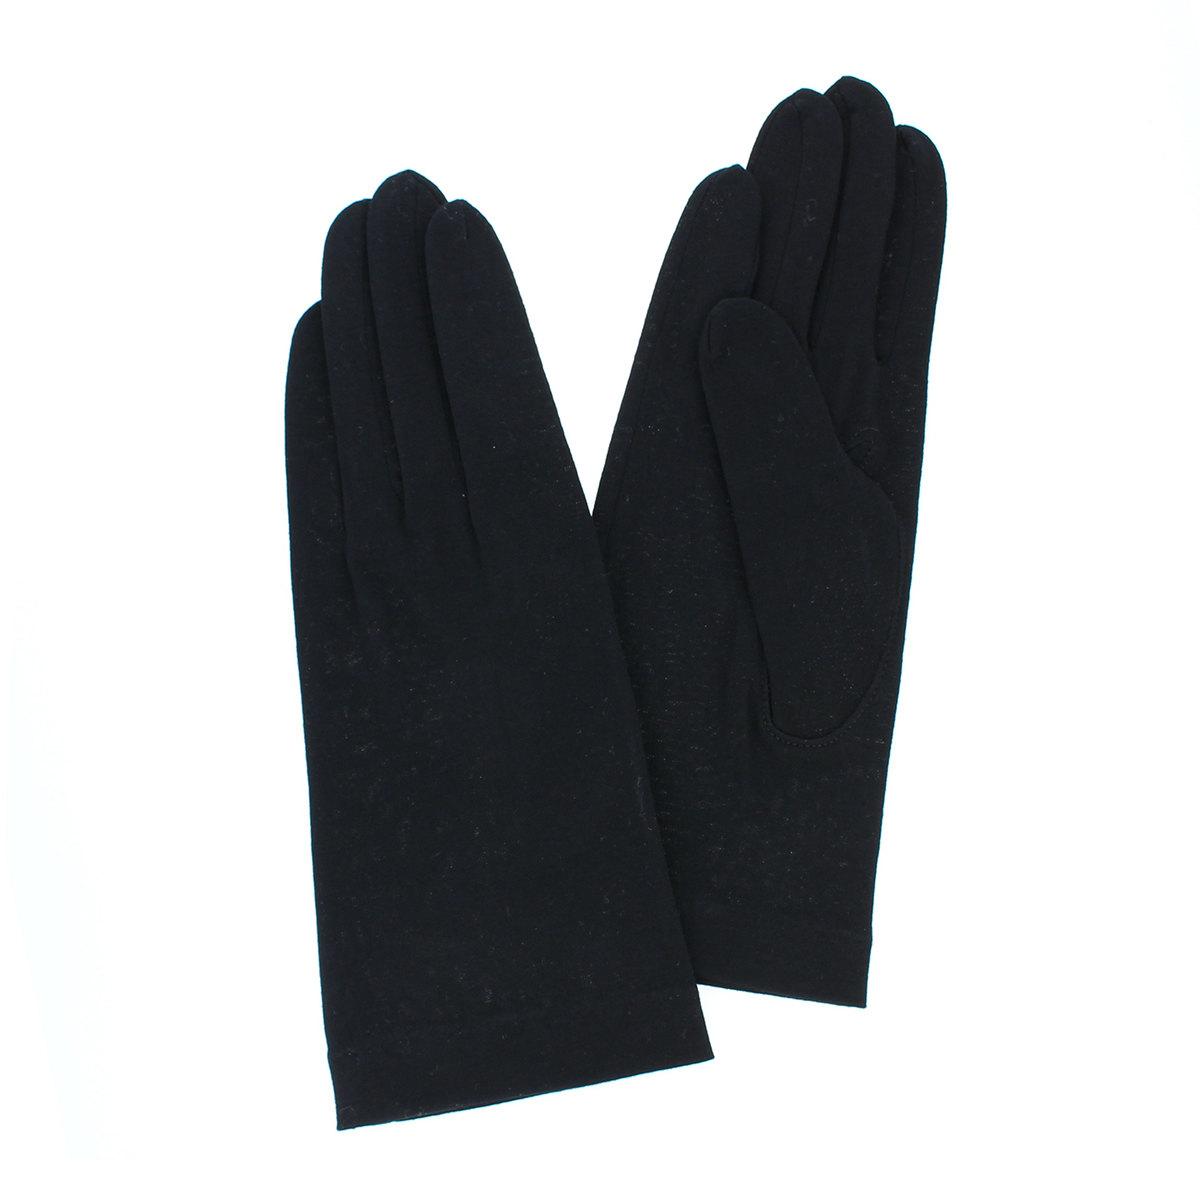 レディース UV手袋 抗菌 抗ウイルス 雑菌抑制 消臭 花粉対策 敏感肌対応 肌にやさしい 綿100% UVカット 五本指手袋 汚れ分解 ヨークス ショート丈 23cm